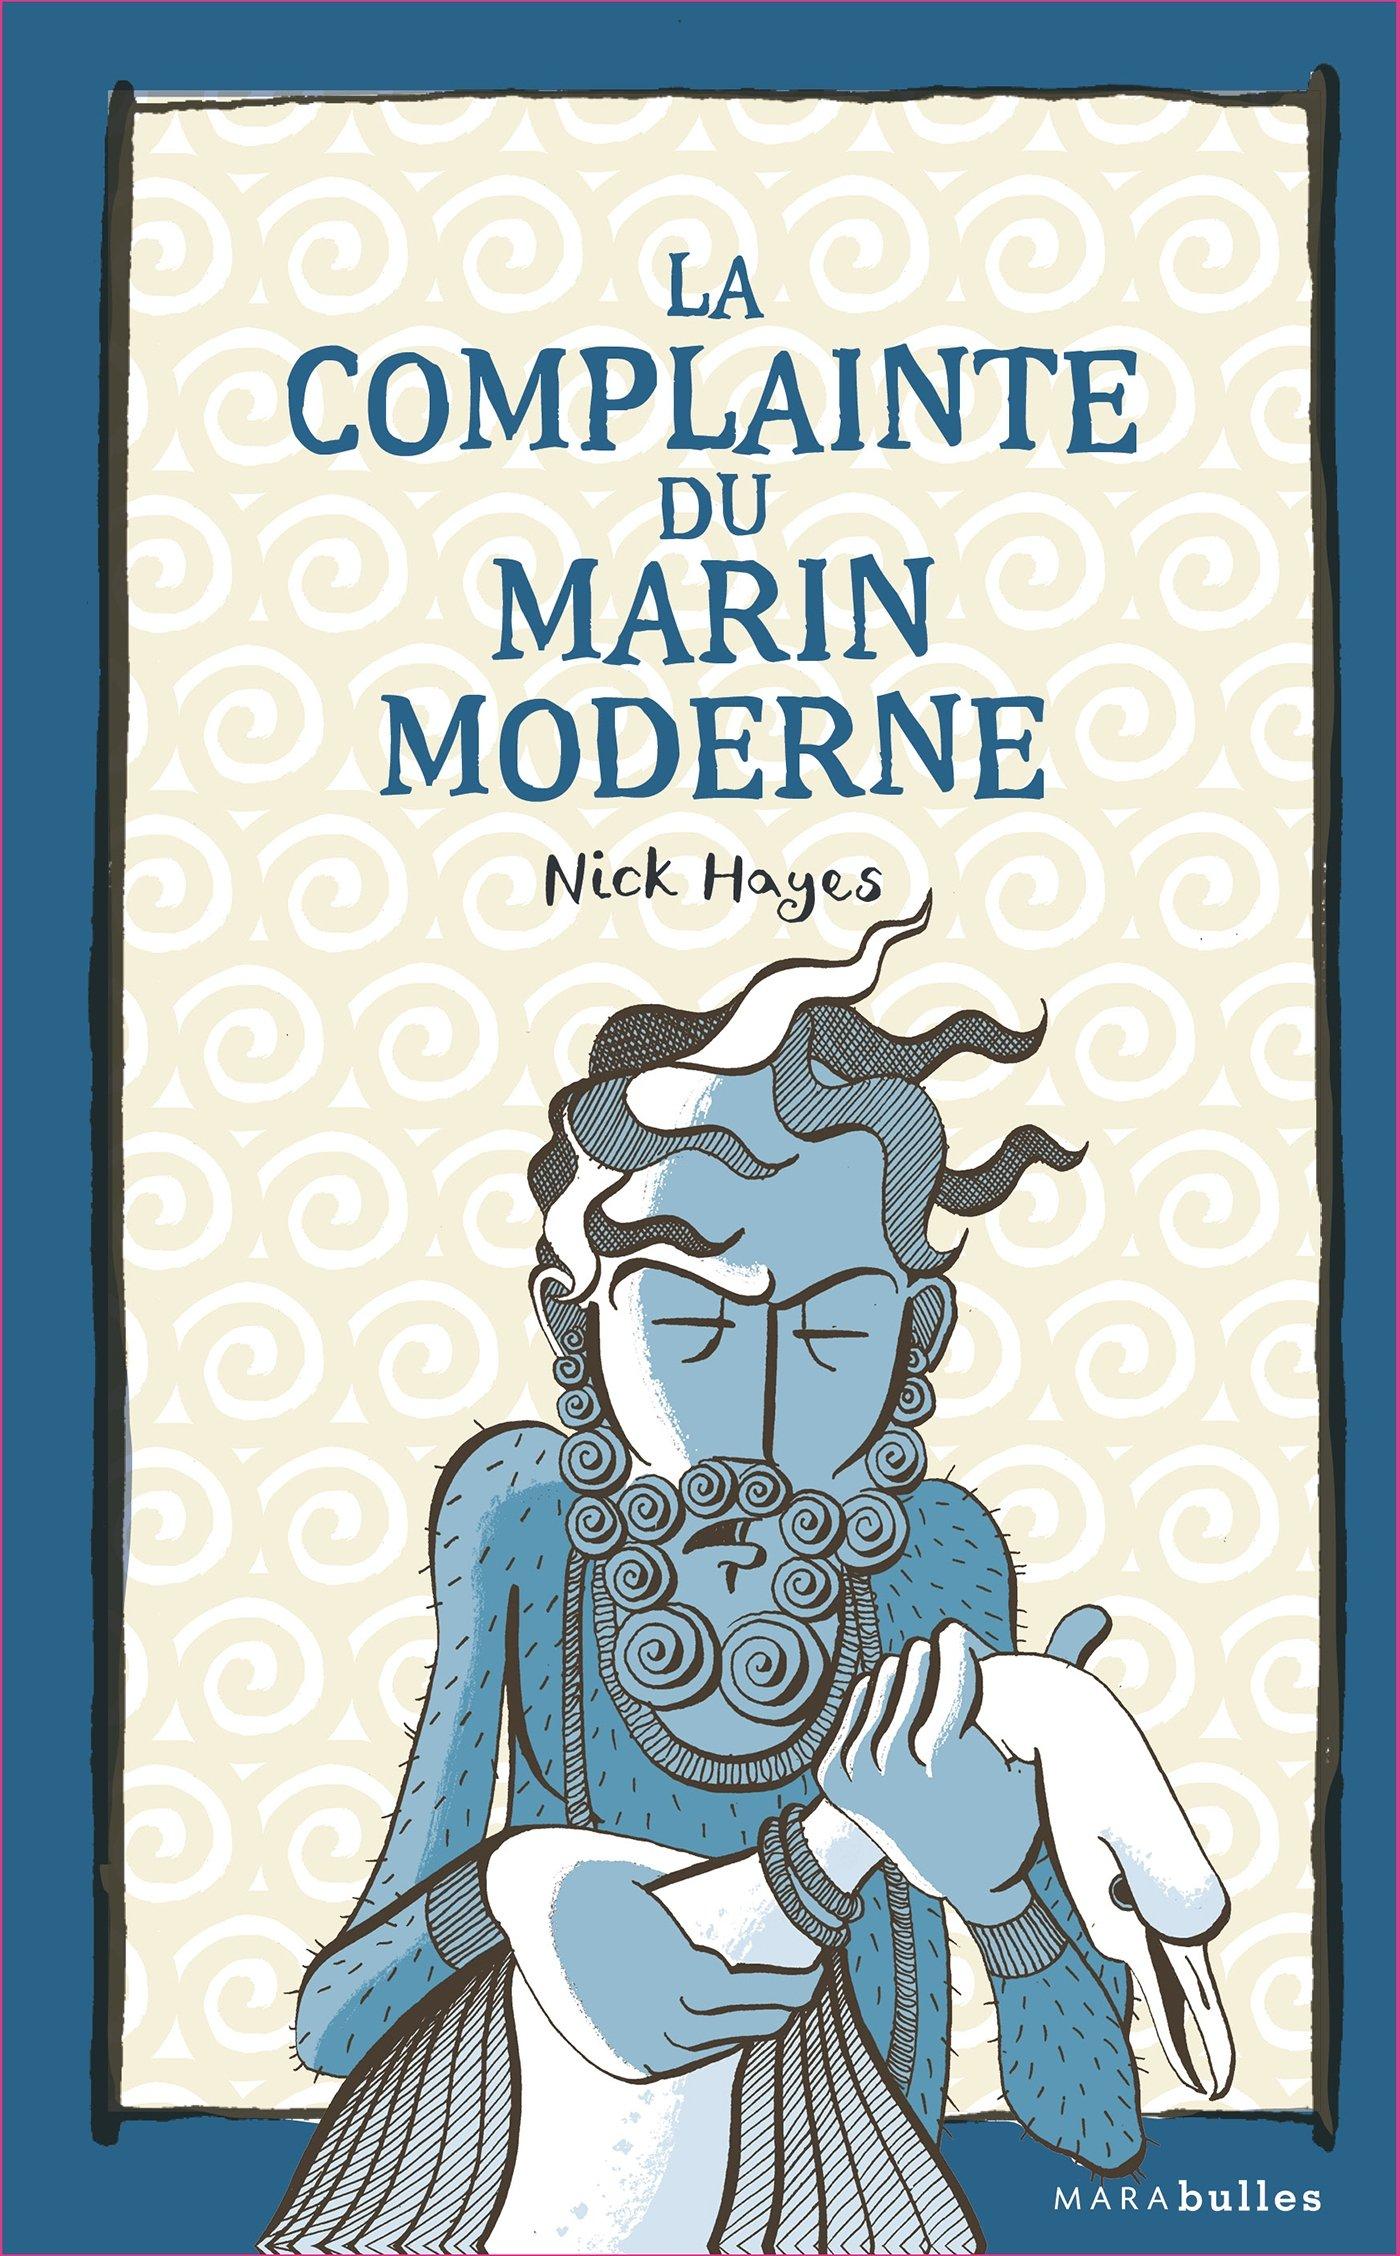 la-complainte-du-marin-moderne-nick-hayes